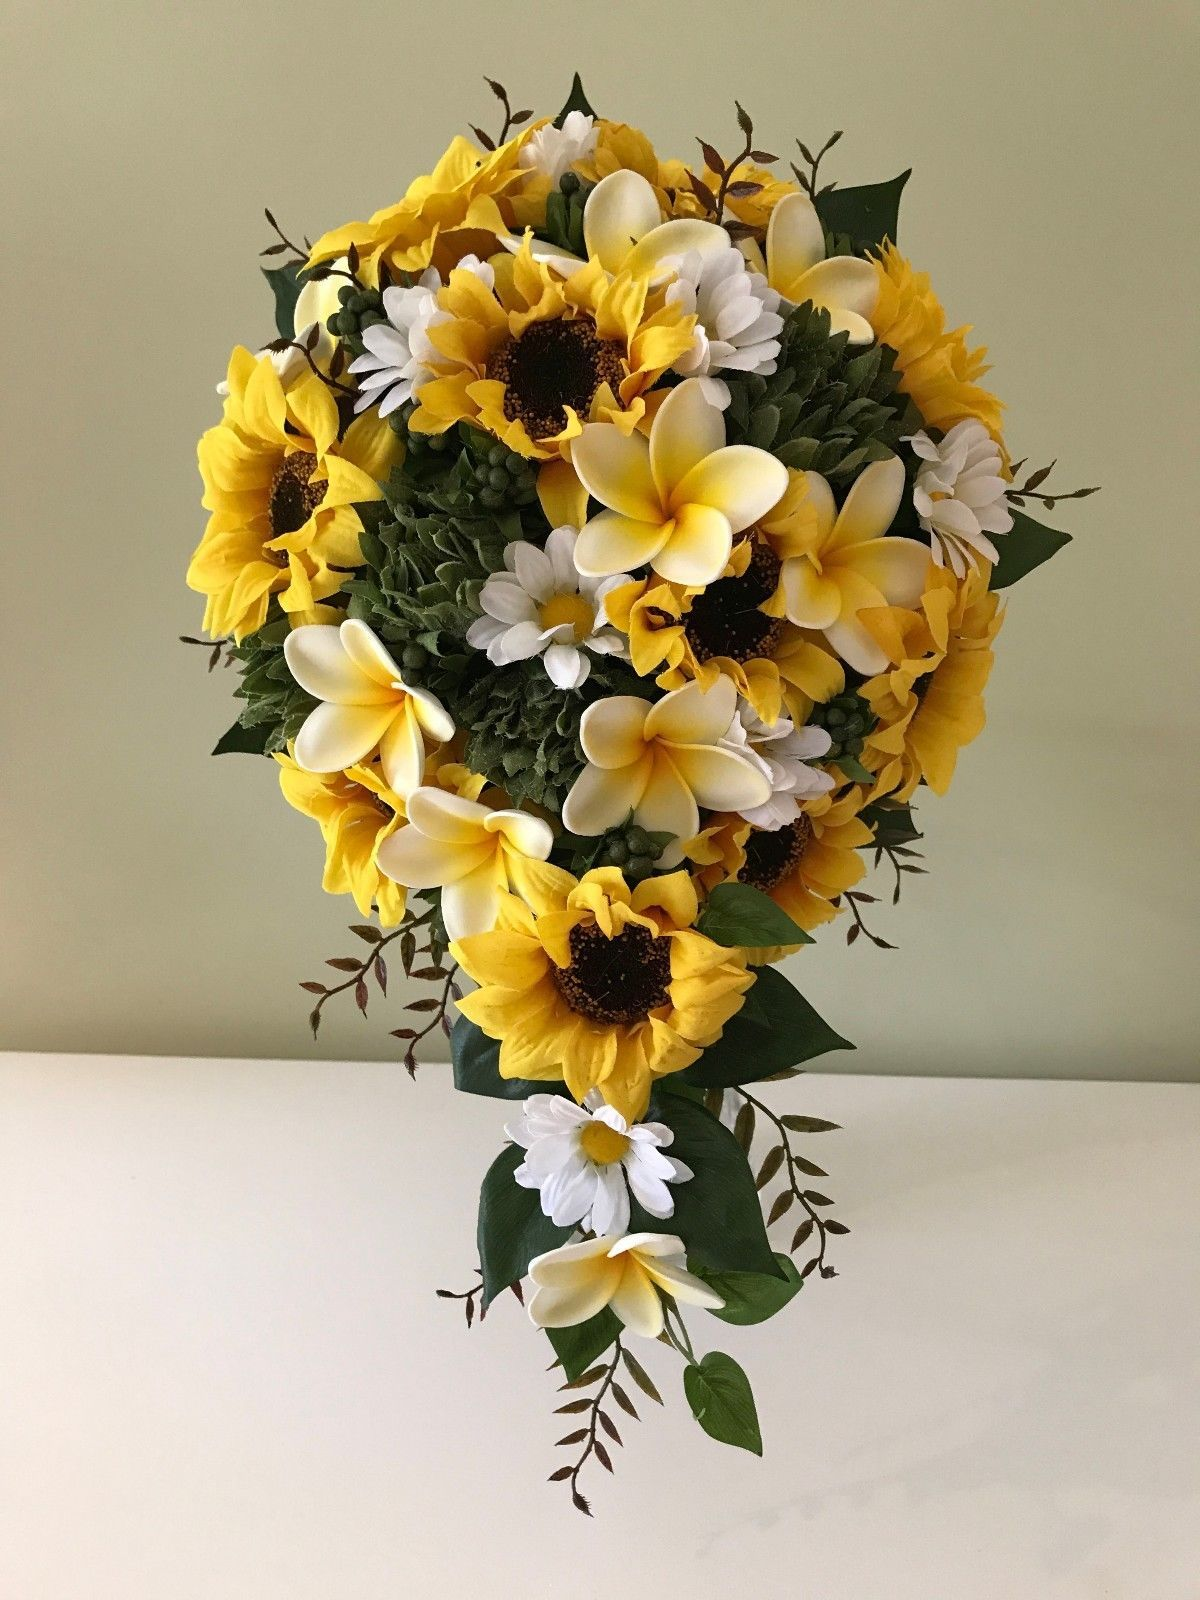 Artificial Wedding Sunflowers Bouquet Teardrop Silk Floral Wedding